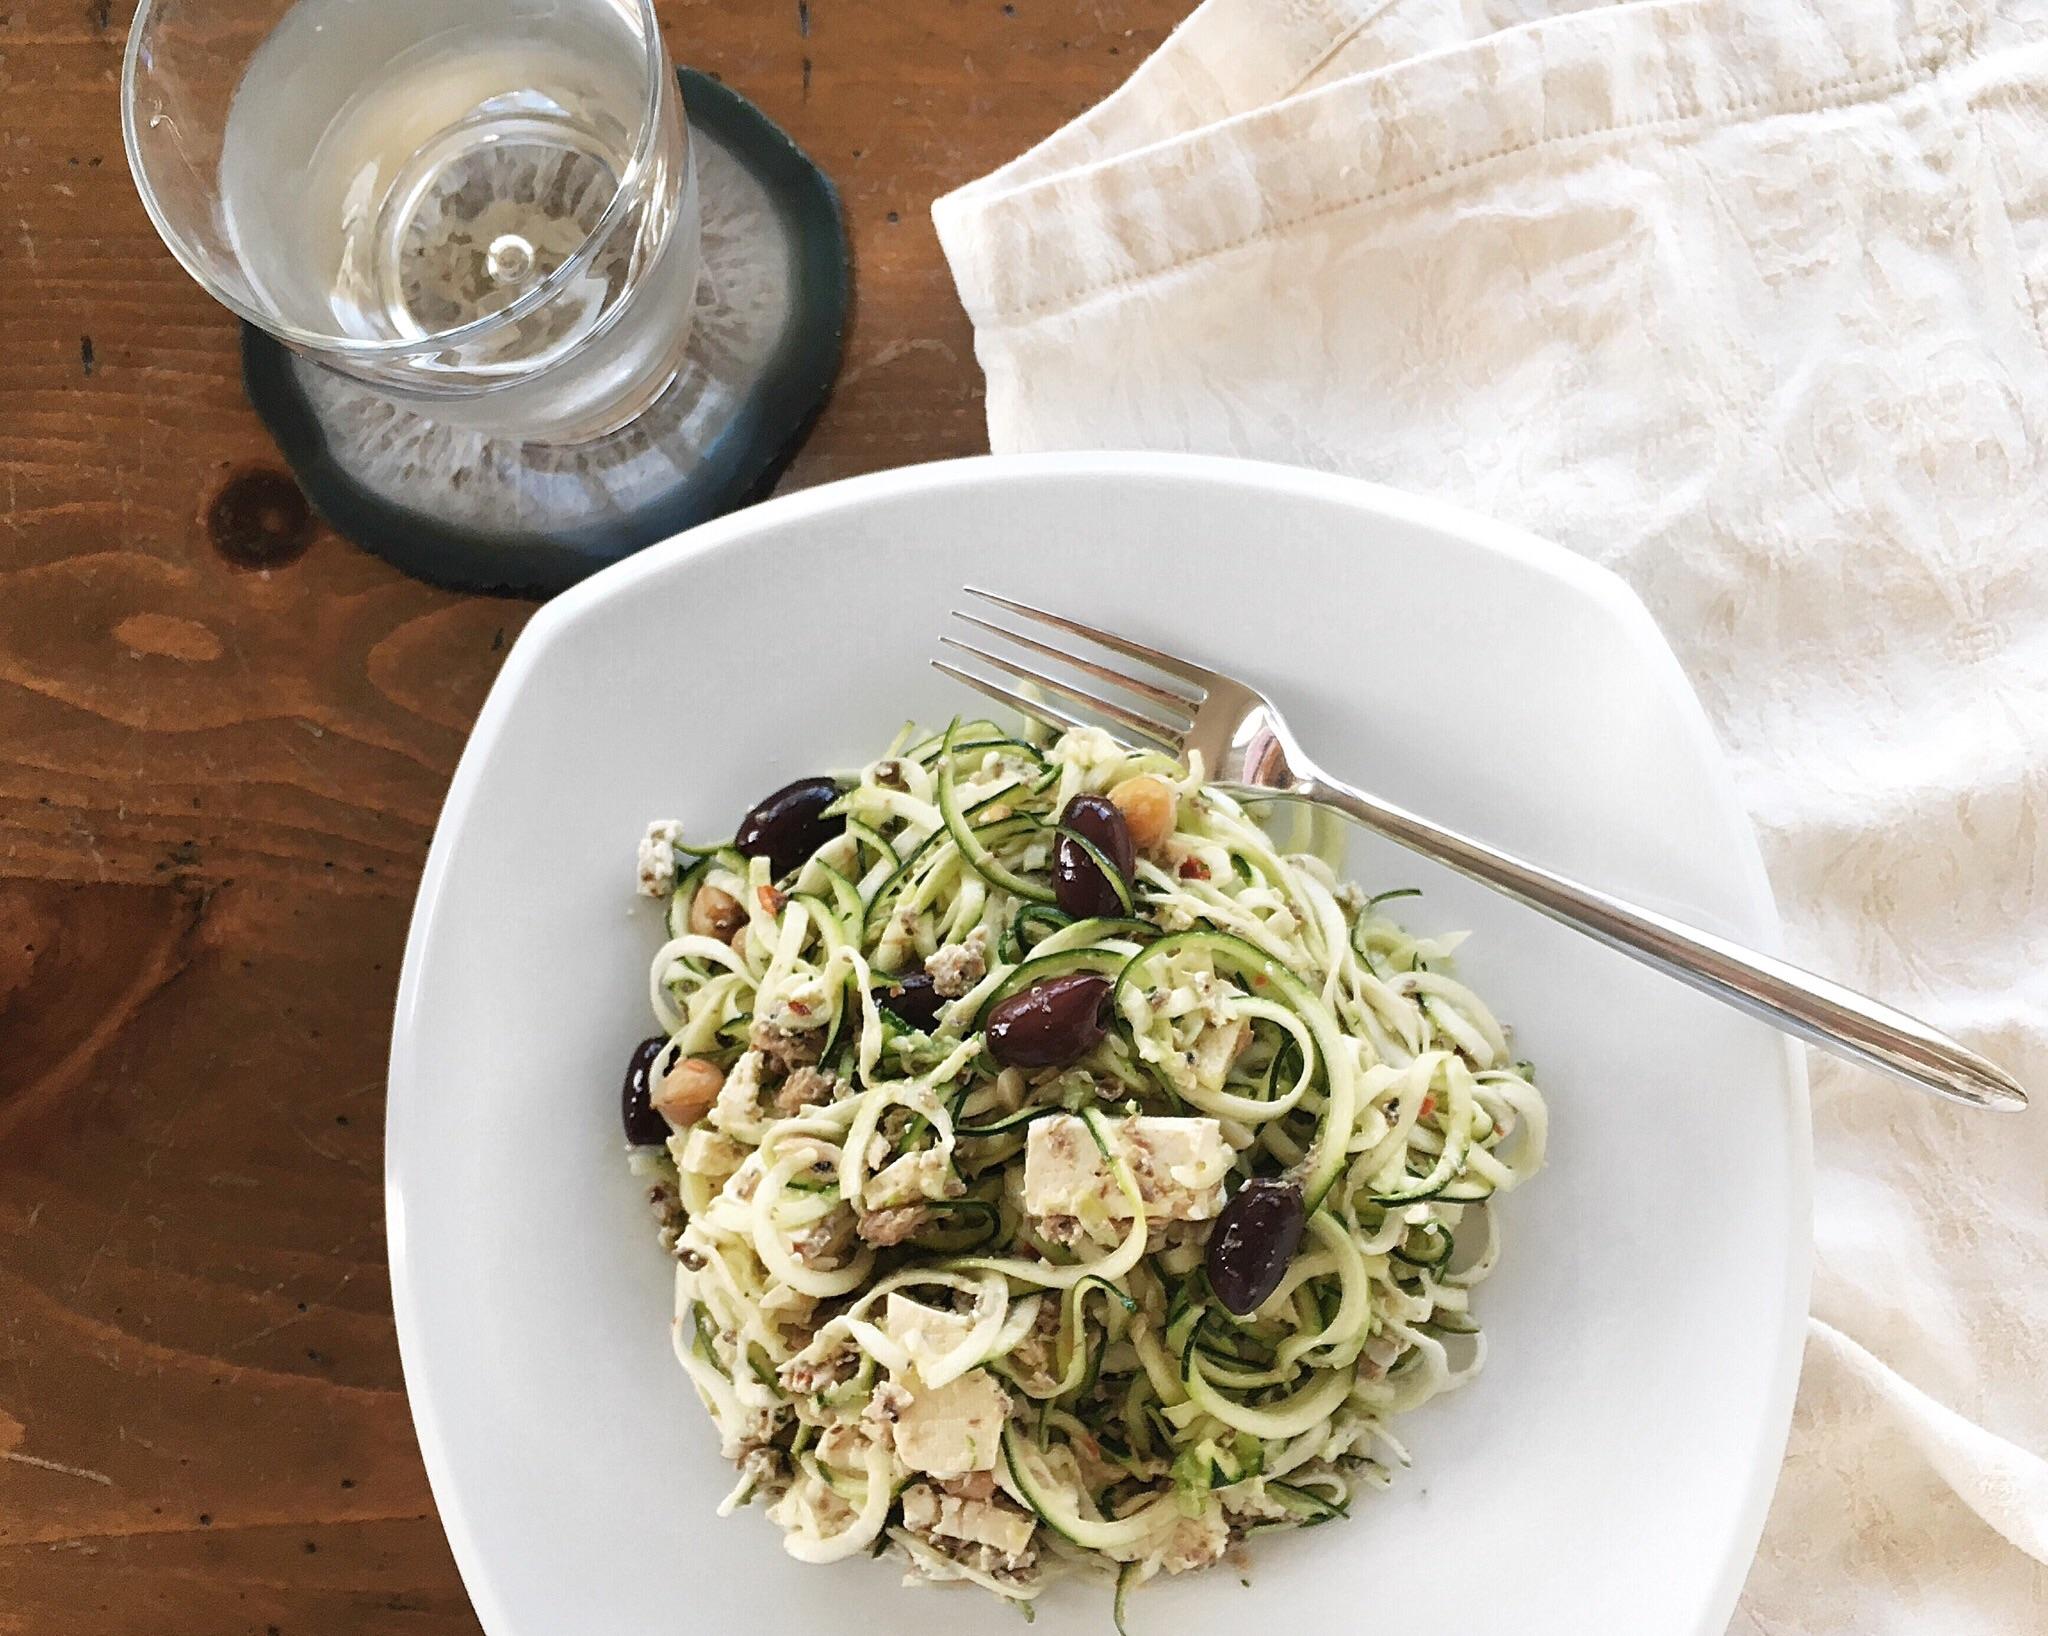 gluten free, high protein zucchini pasta